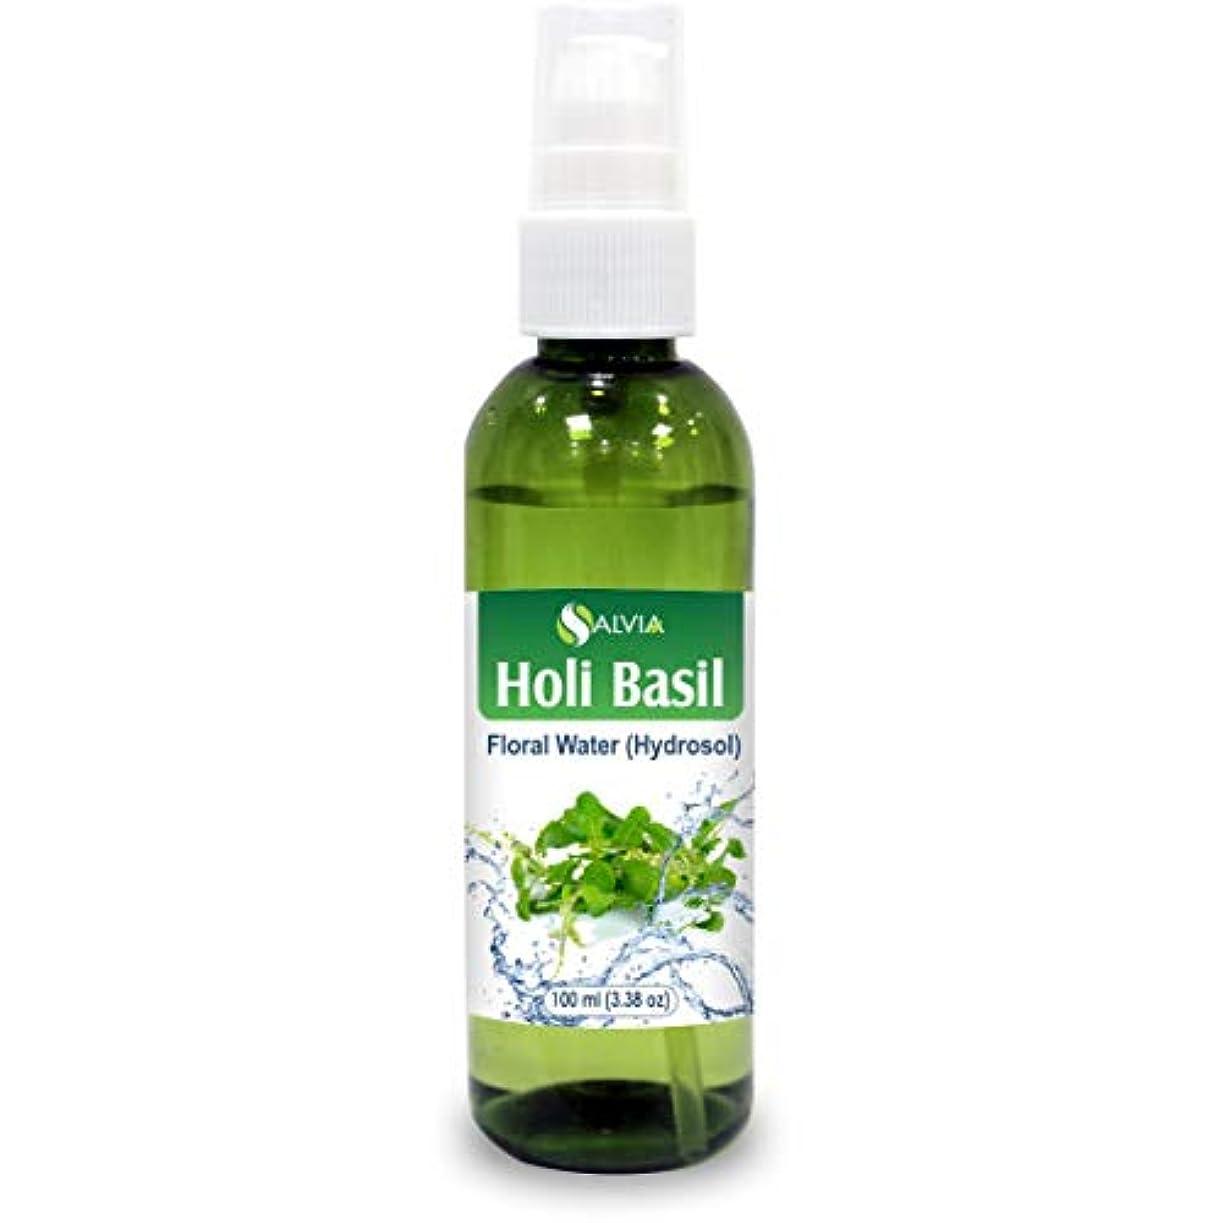 鉄上級軽蔑Holy Basil (Tulsi) Floral Water 100ml (Hydrosol) 100% Pure And Natural